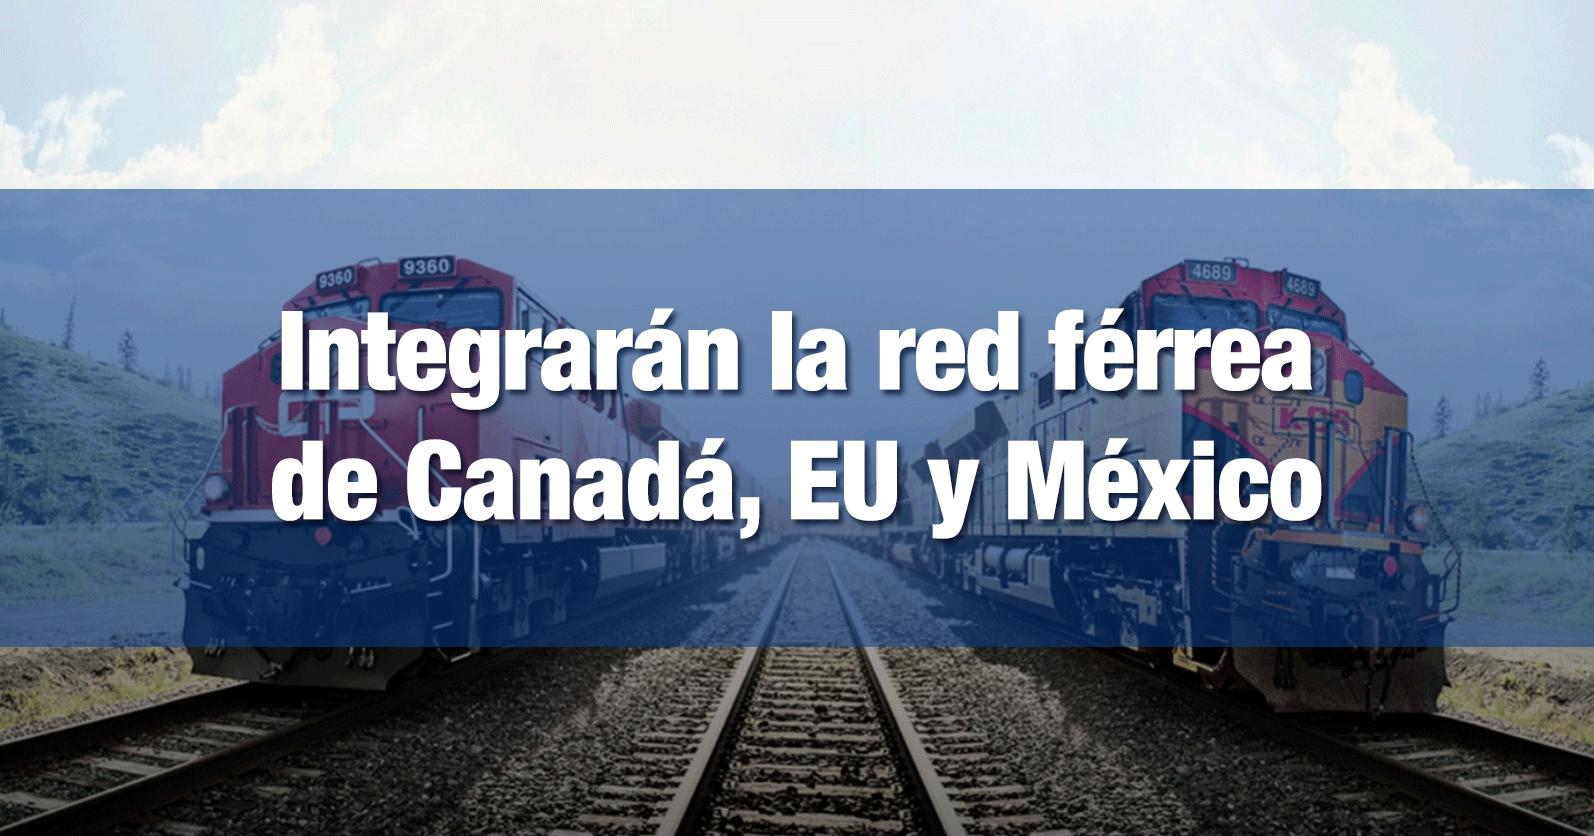 Integrarán la red férrea de Canadá, EU y México